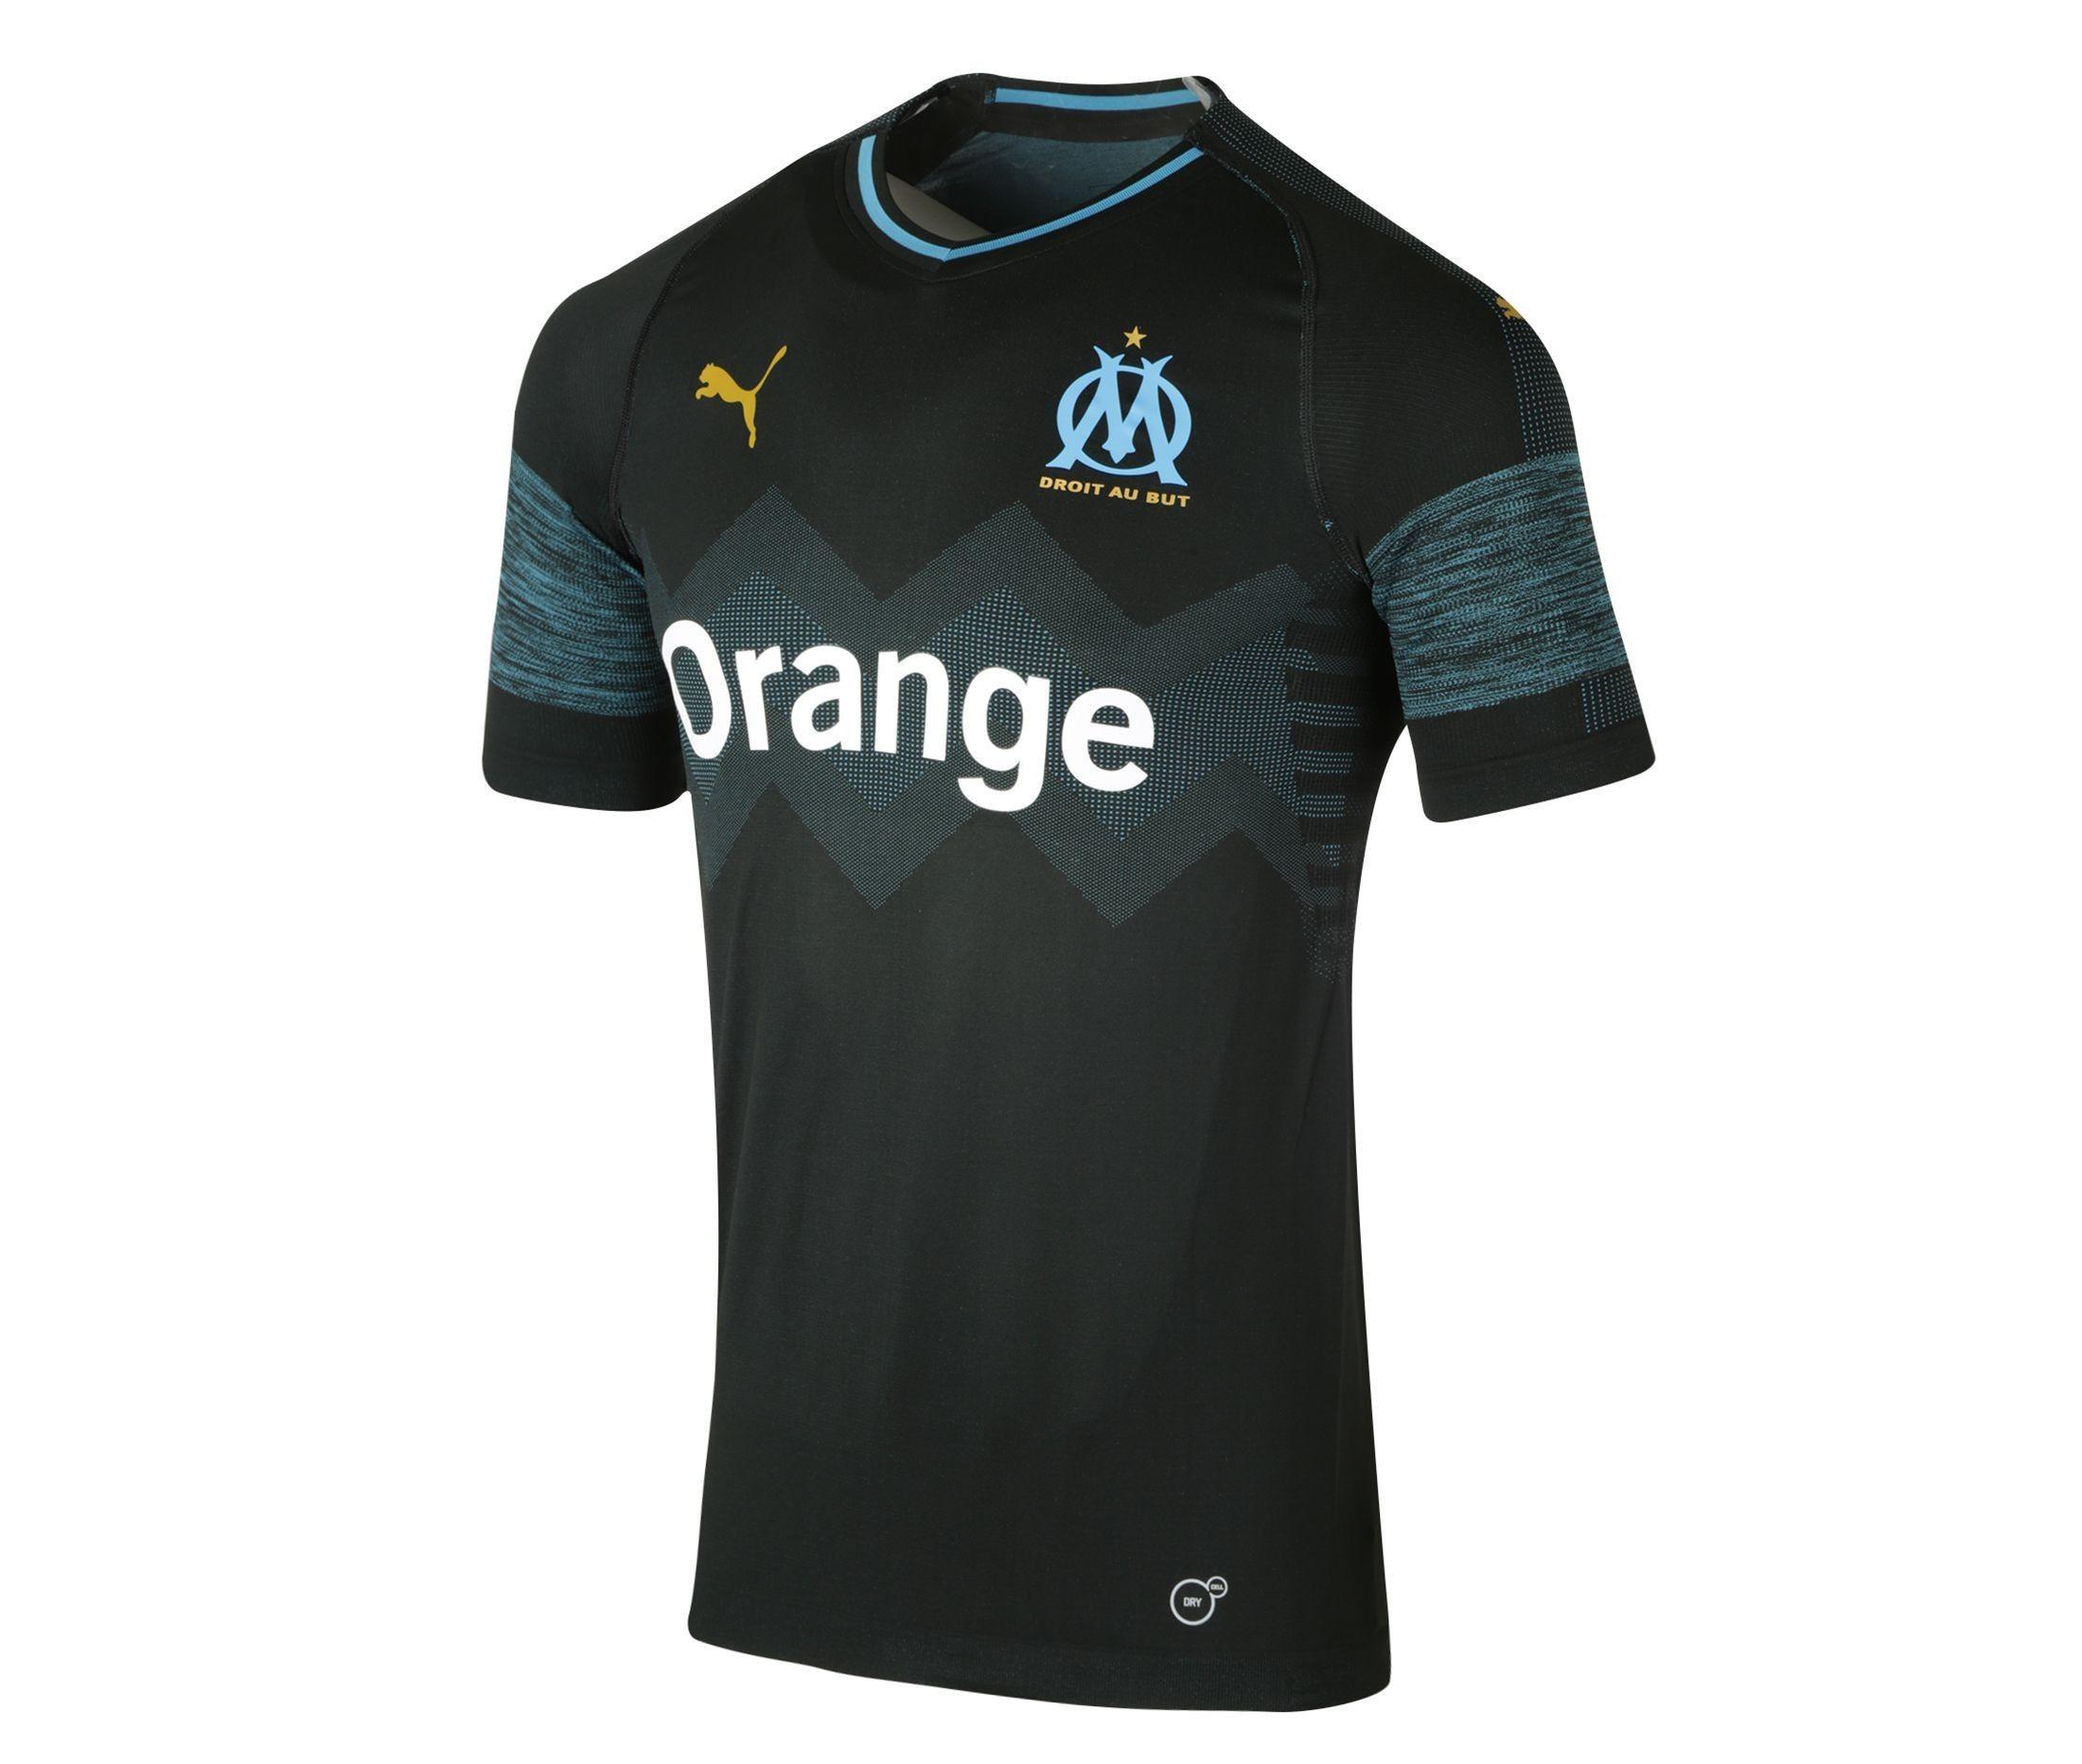 Os 85 Uniformes Mais Bonitos Do Mundo De Times E Seleções Camisas De Futebol Camiseta Esportiva Camisetas De Futebol